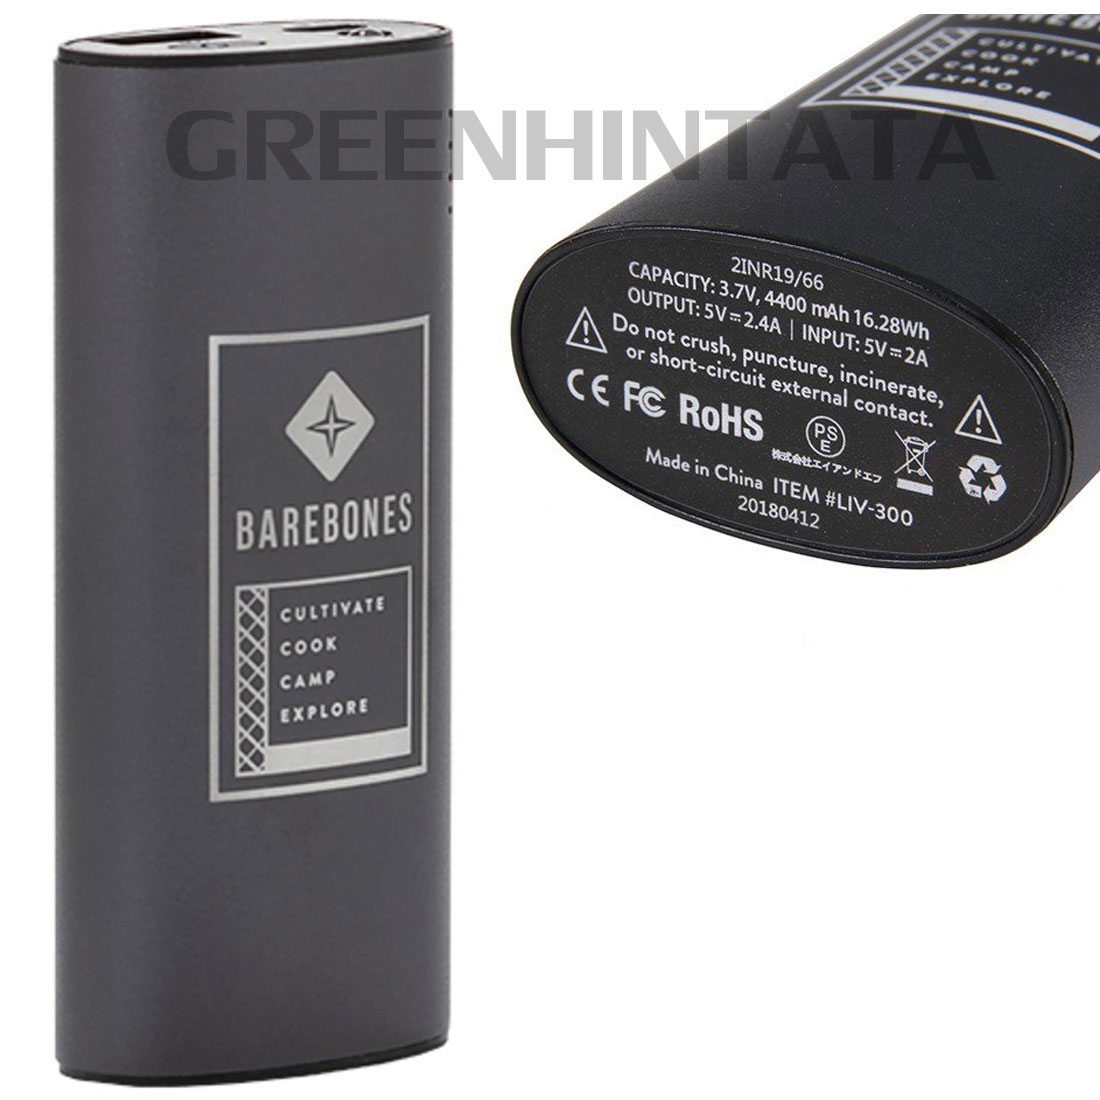 ベアボーンズ リビング ポータブルチャージャー バッテリー  国内正規品